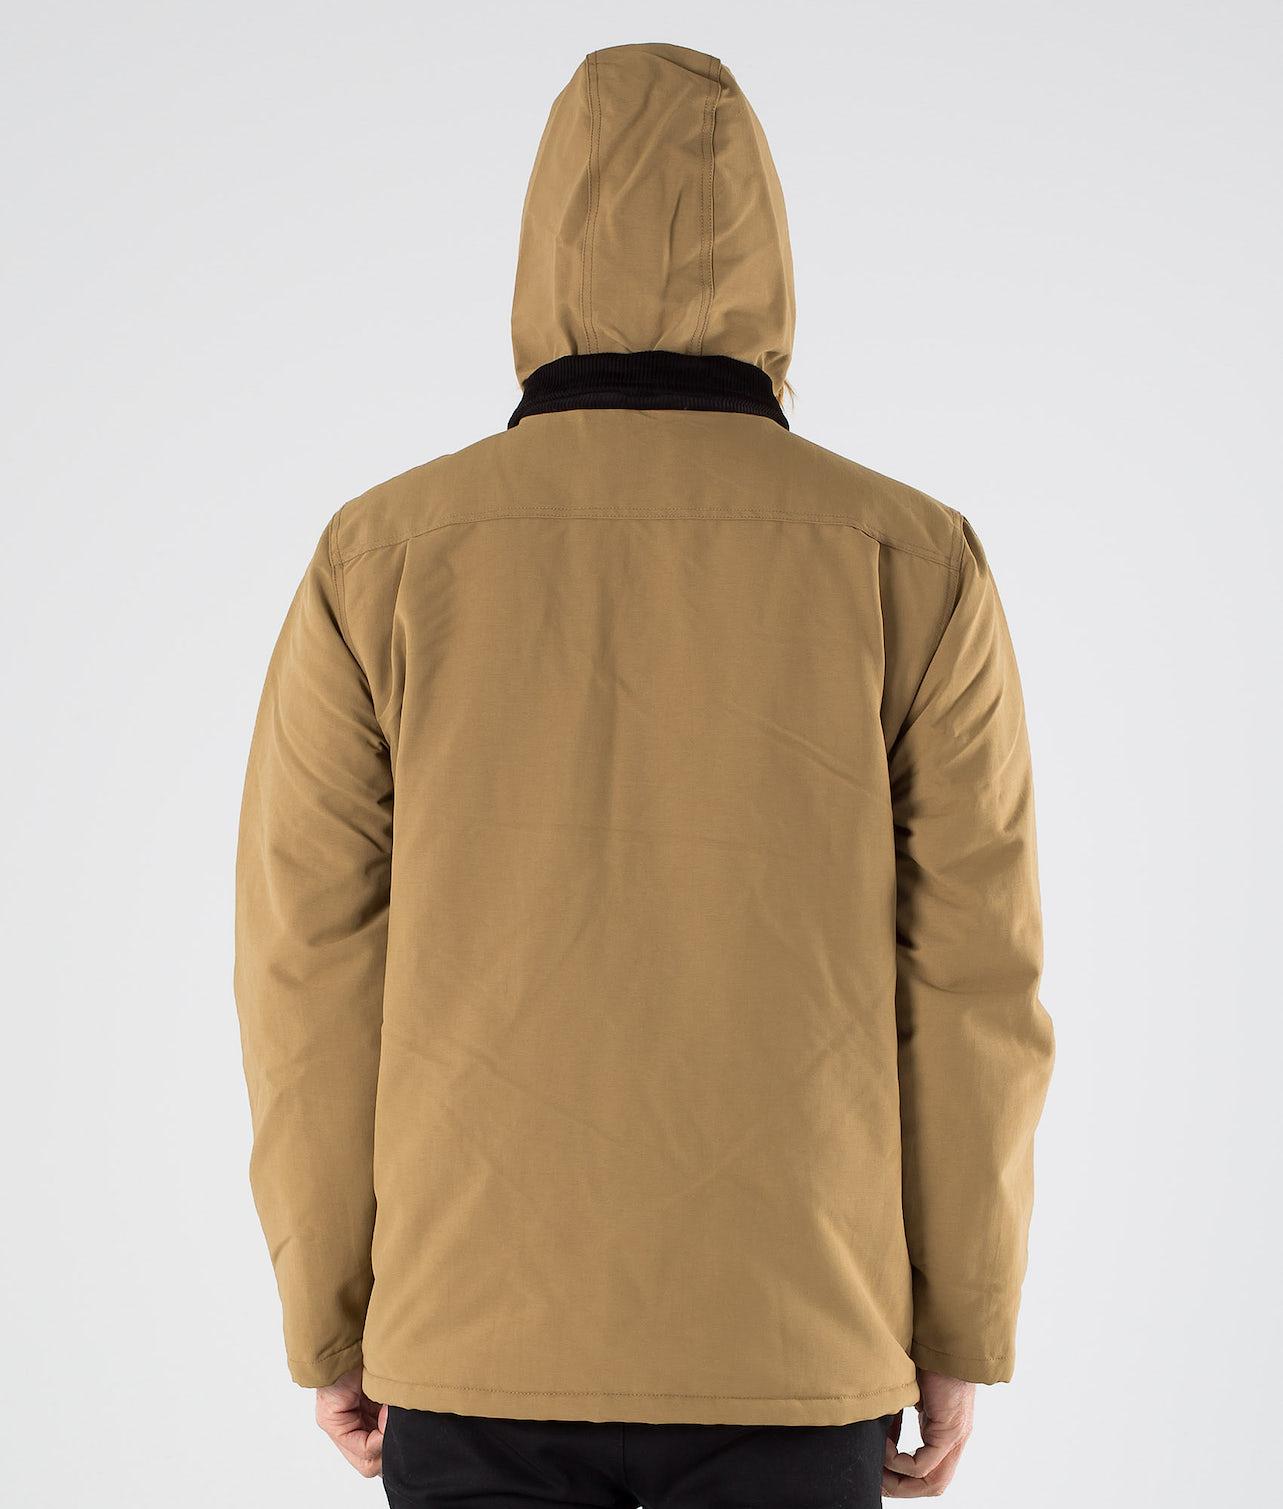 Kjøp Drill Chore Coat MTE Jakke fra Vans på Ridestore.no - Hos oss har du alltid fri frakt, fri retur og 30 dagers åpent kjøp!